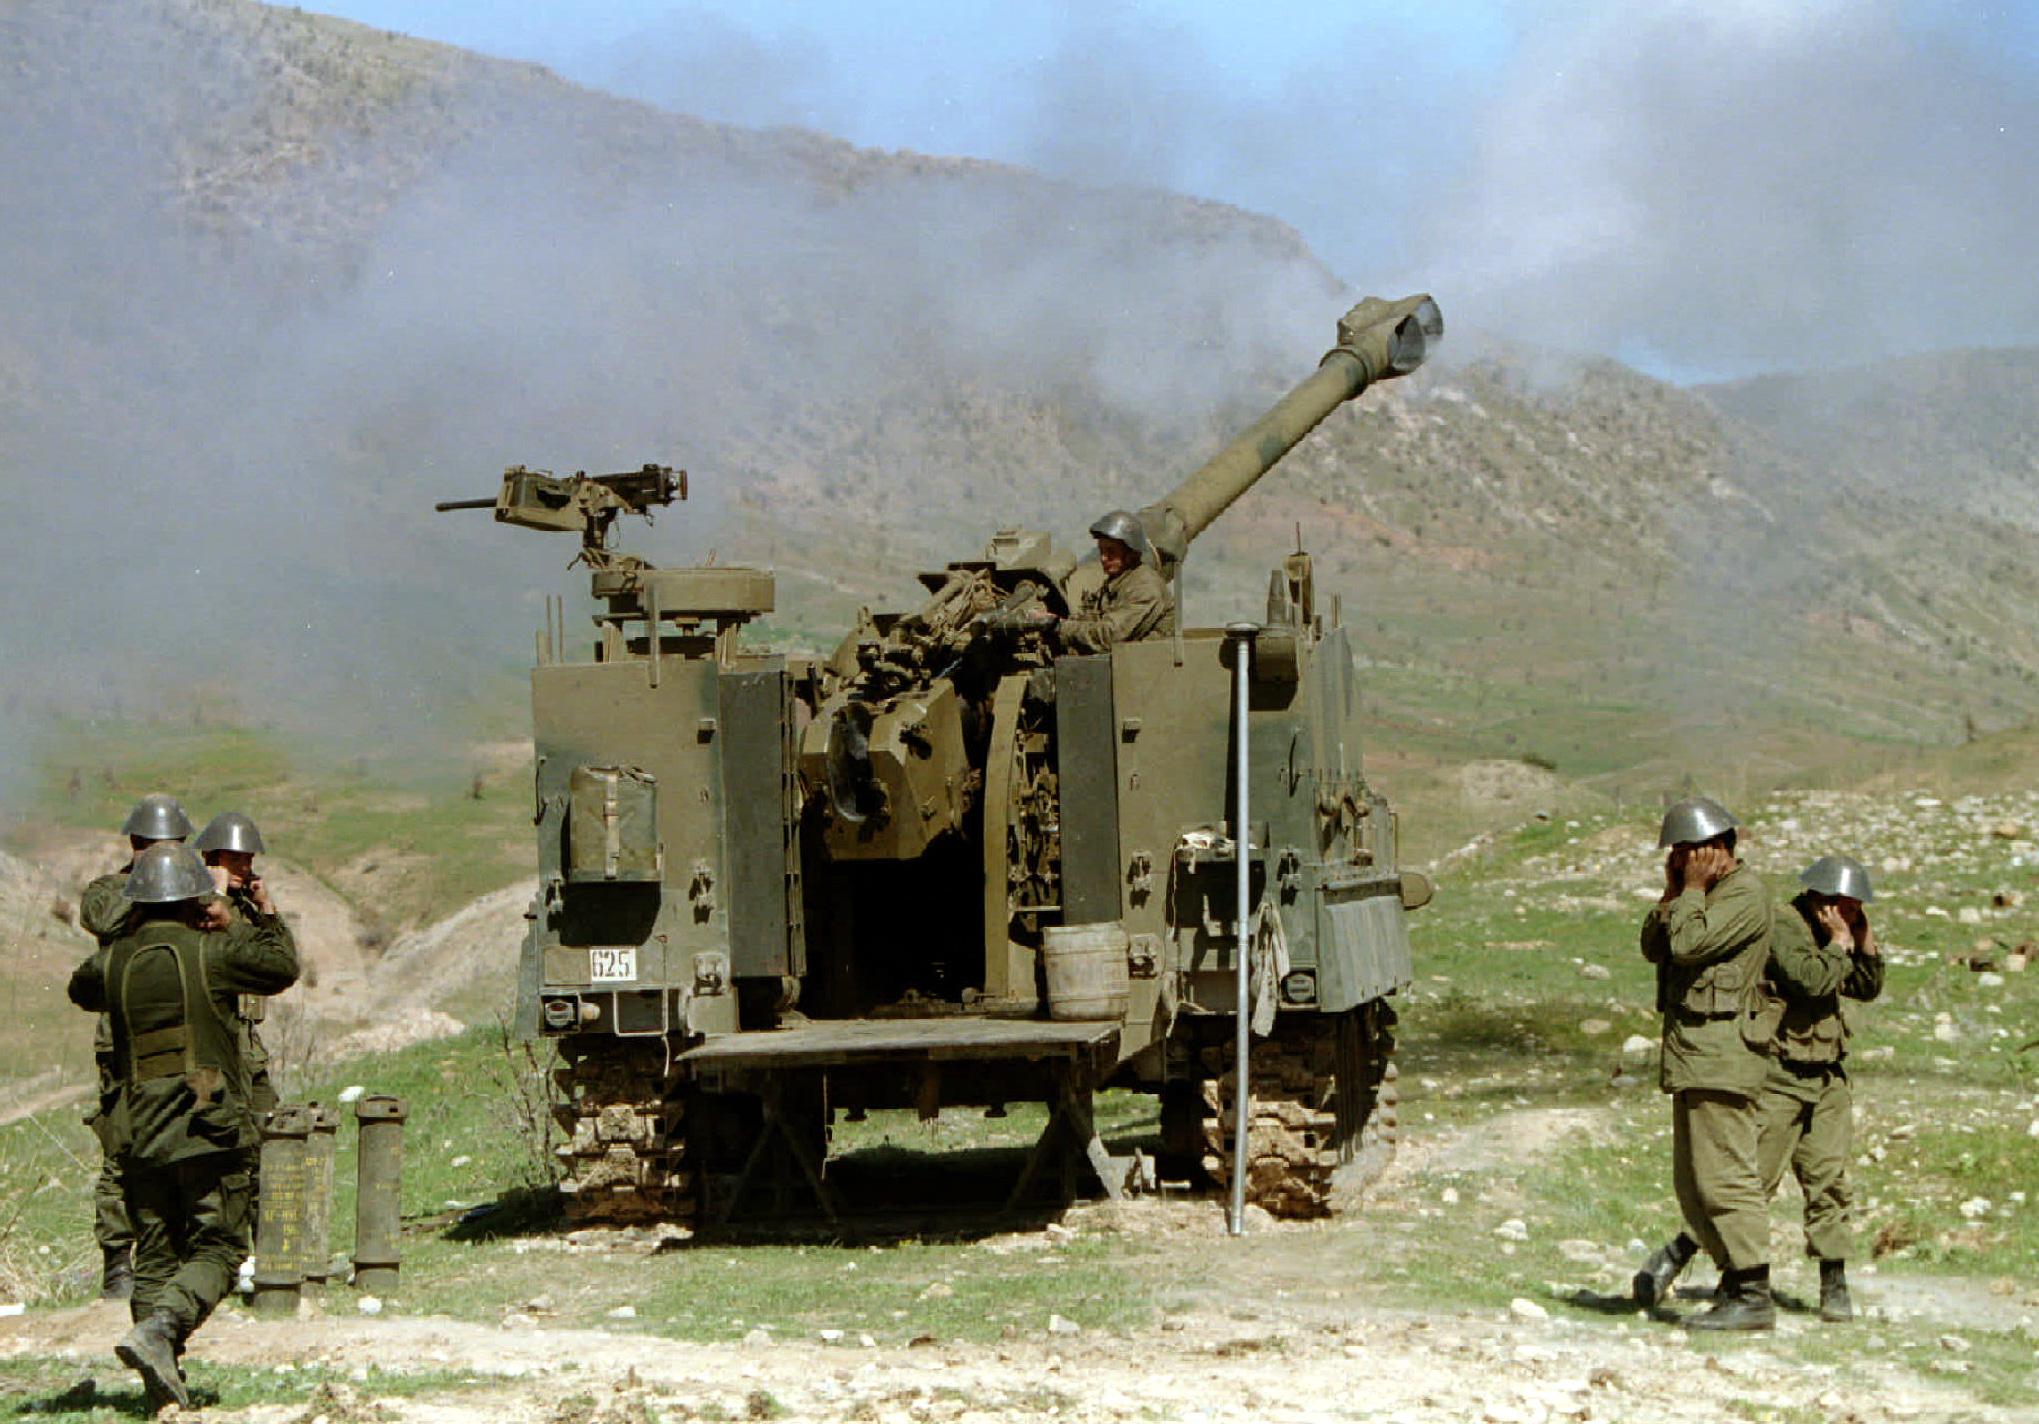 1995-03-22T120000Z_894348504_PBEAHUNACAW_RTRMADP_3_IRAQ